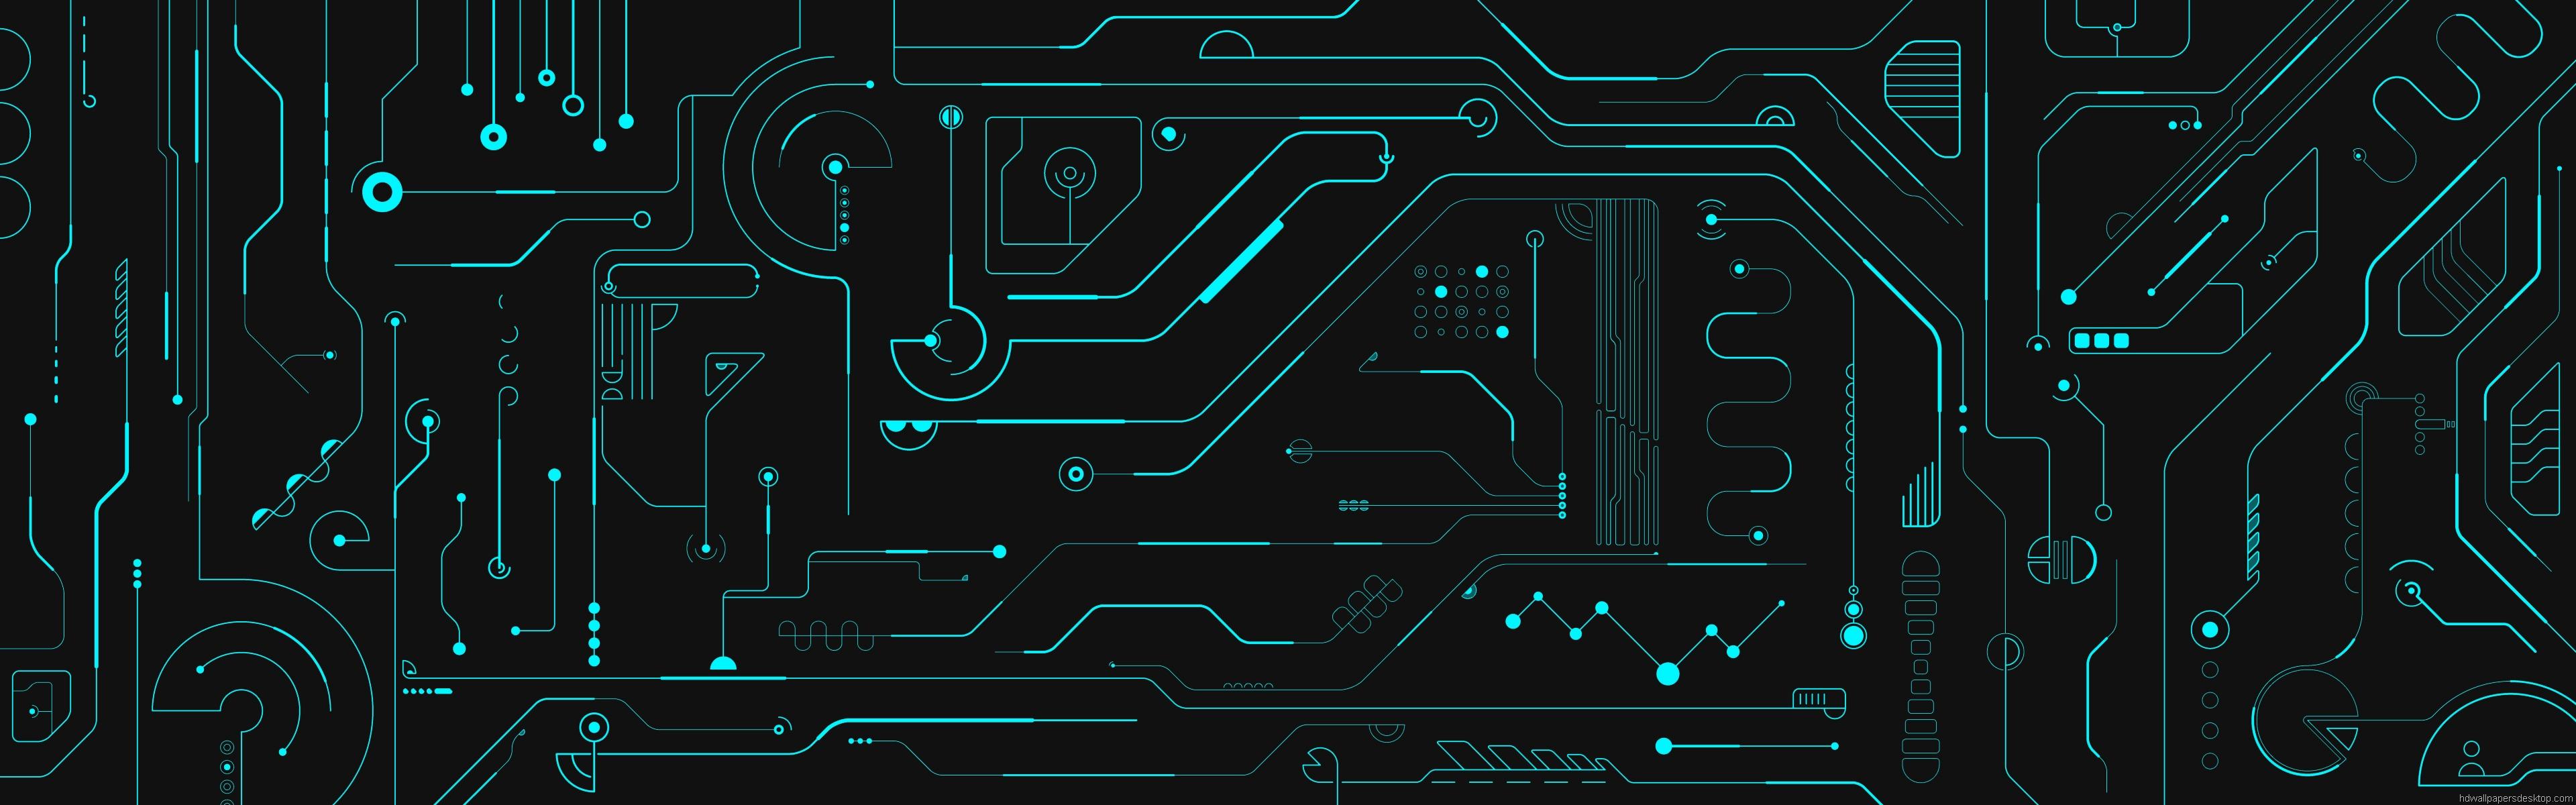 Wallpaper Dual Monitor - WallpaperSafari Ubuntu Wallpaper Widescreen